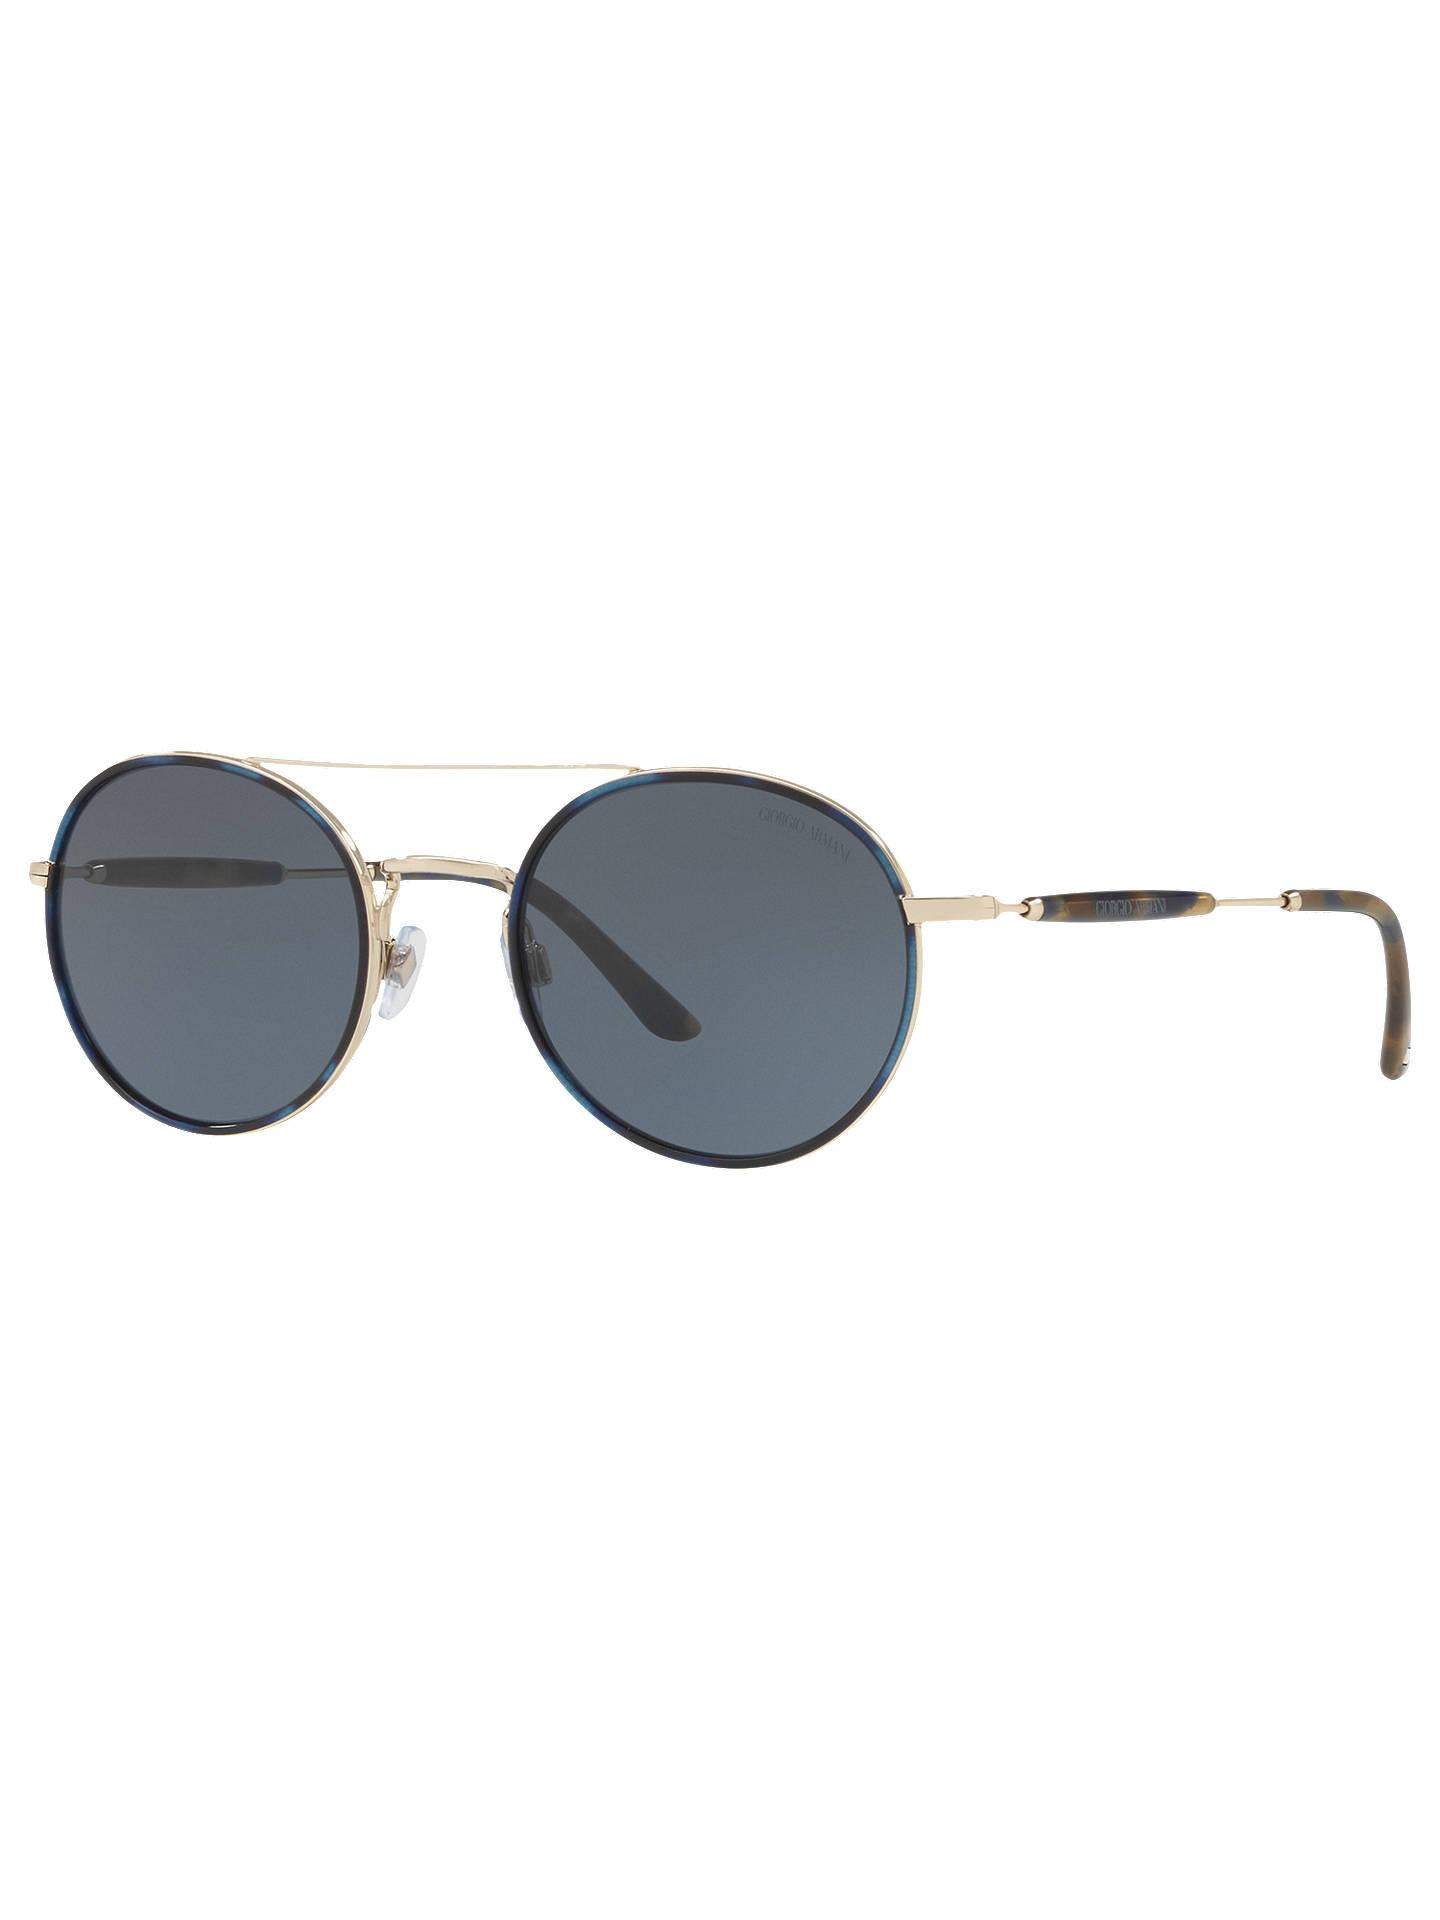 3a9b3e41487b Buy G.armani 0ar6Giorgio Armani AR6056J Men s Frames of Life Round  Sunglasses